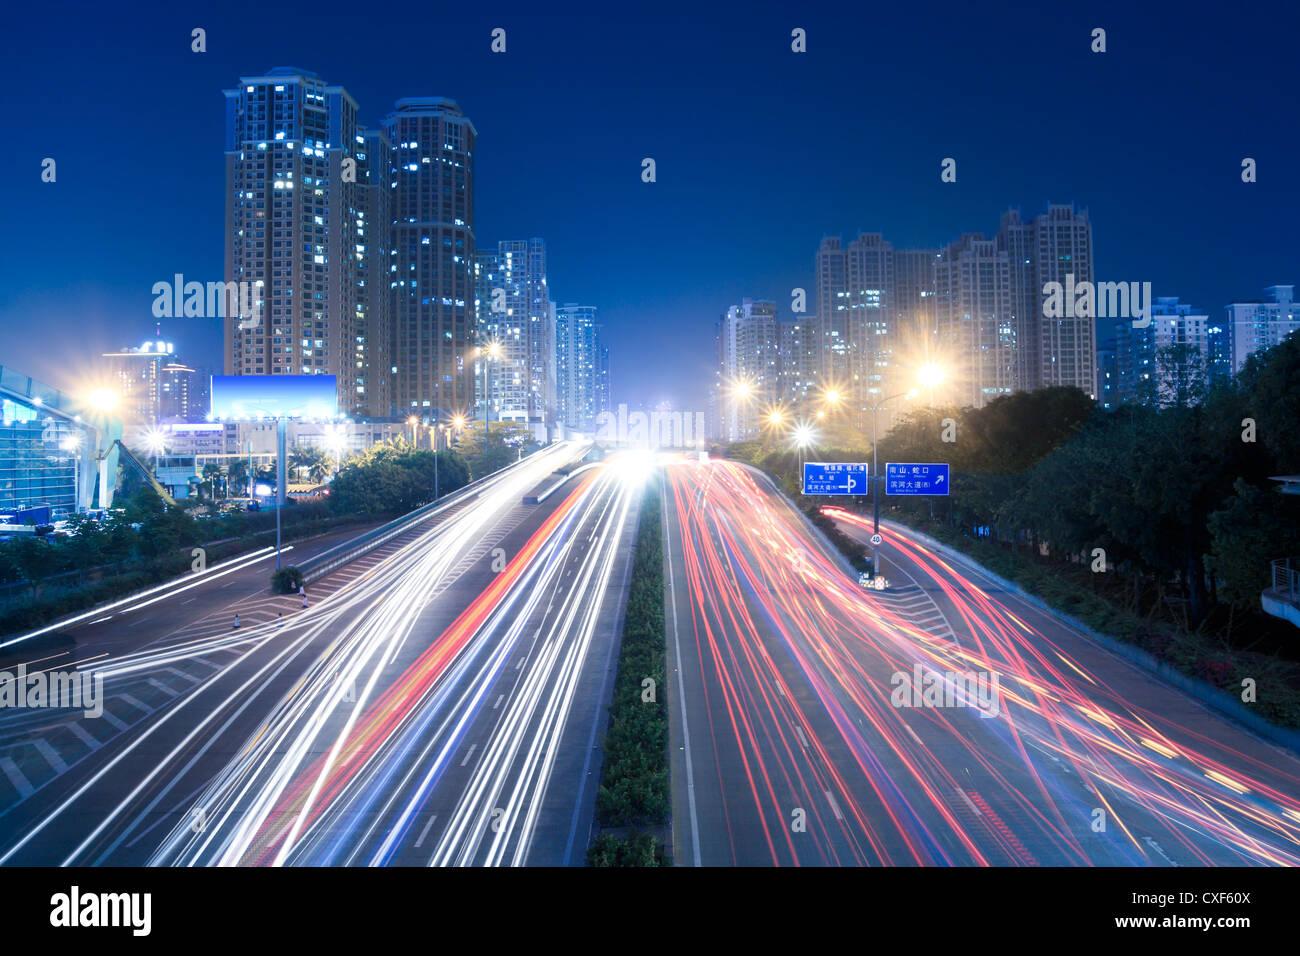 El transporte urbano en la noche Imagen De Stock